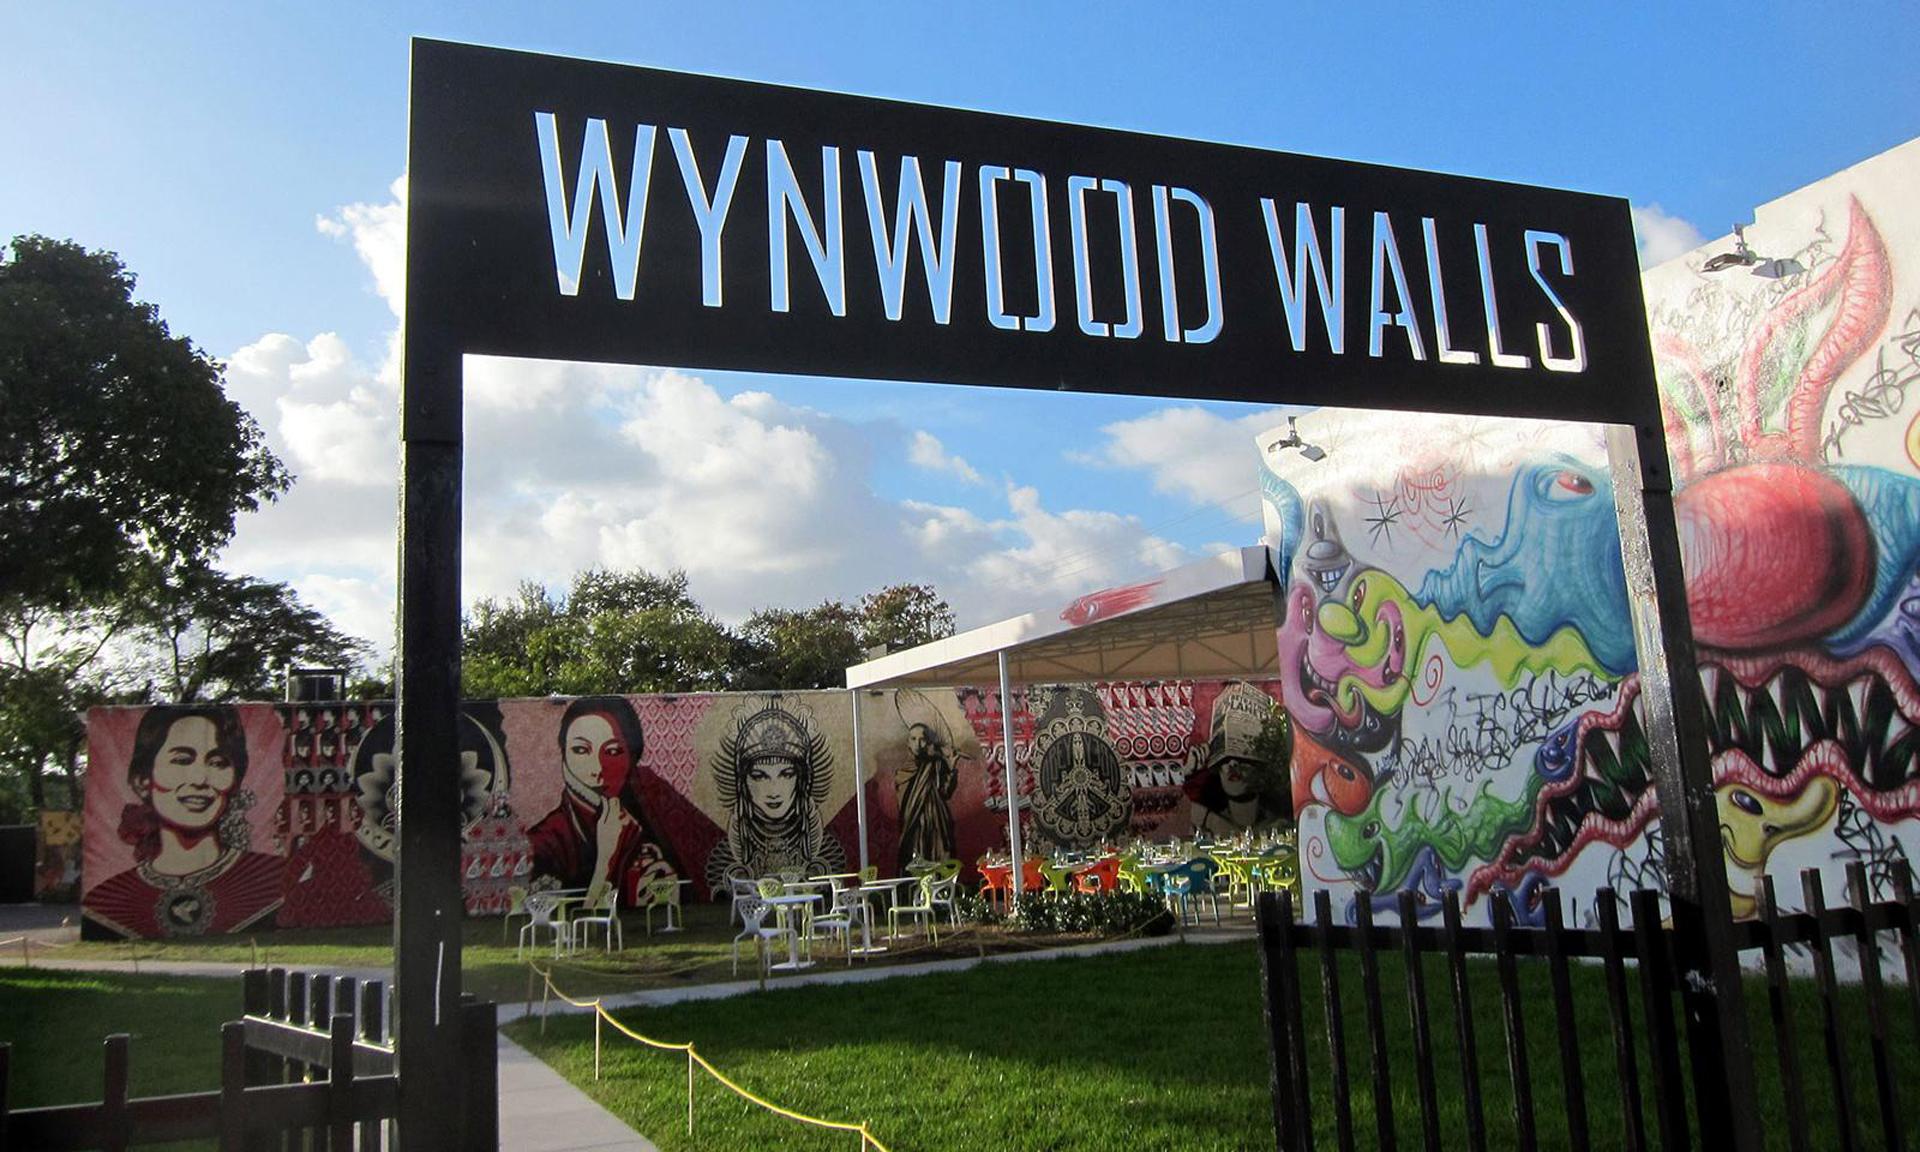 La entrada al paseo de diseño de Wynwood Walls. Bares al aire libre y los mejores graffitis de la ciudad